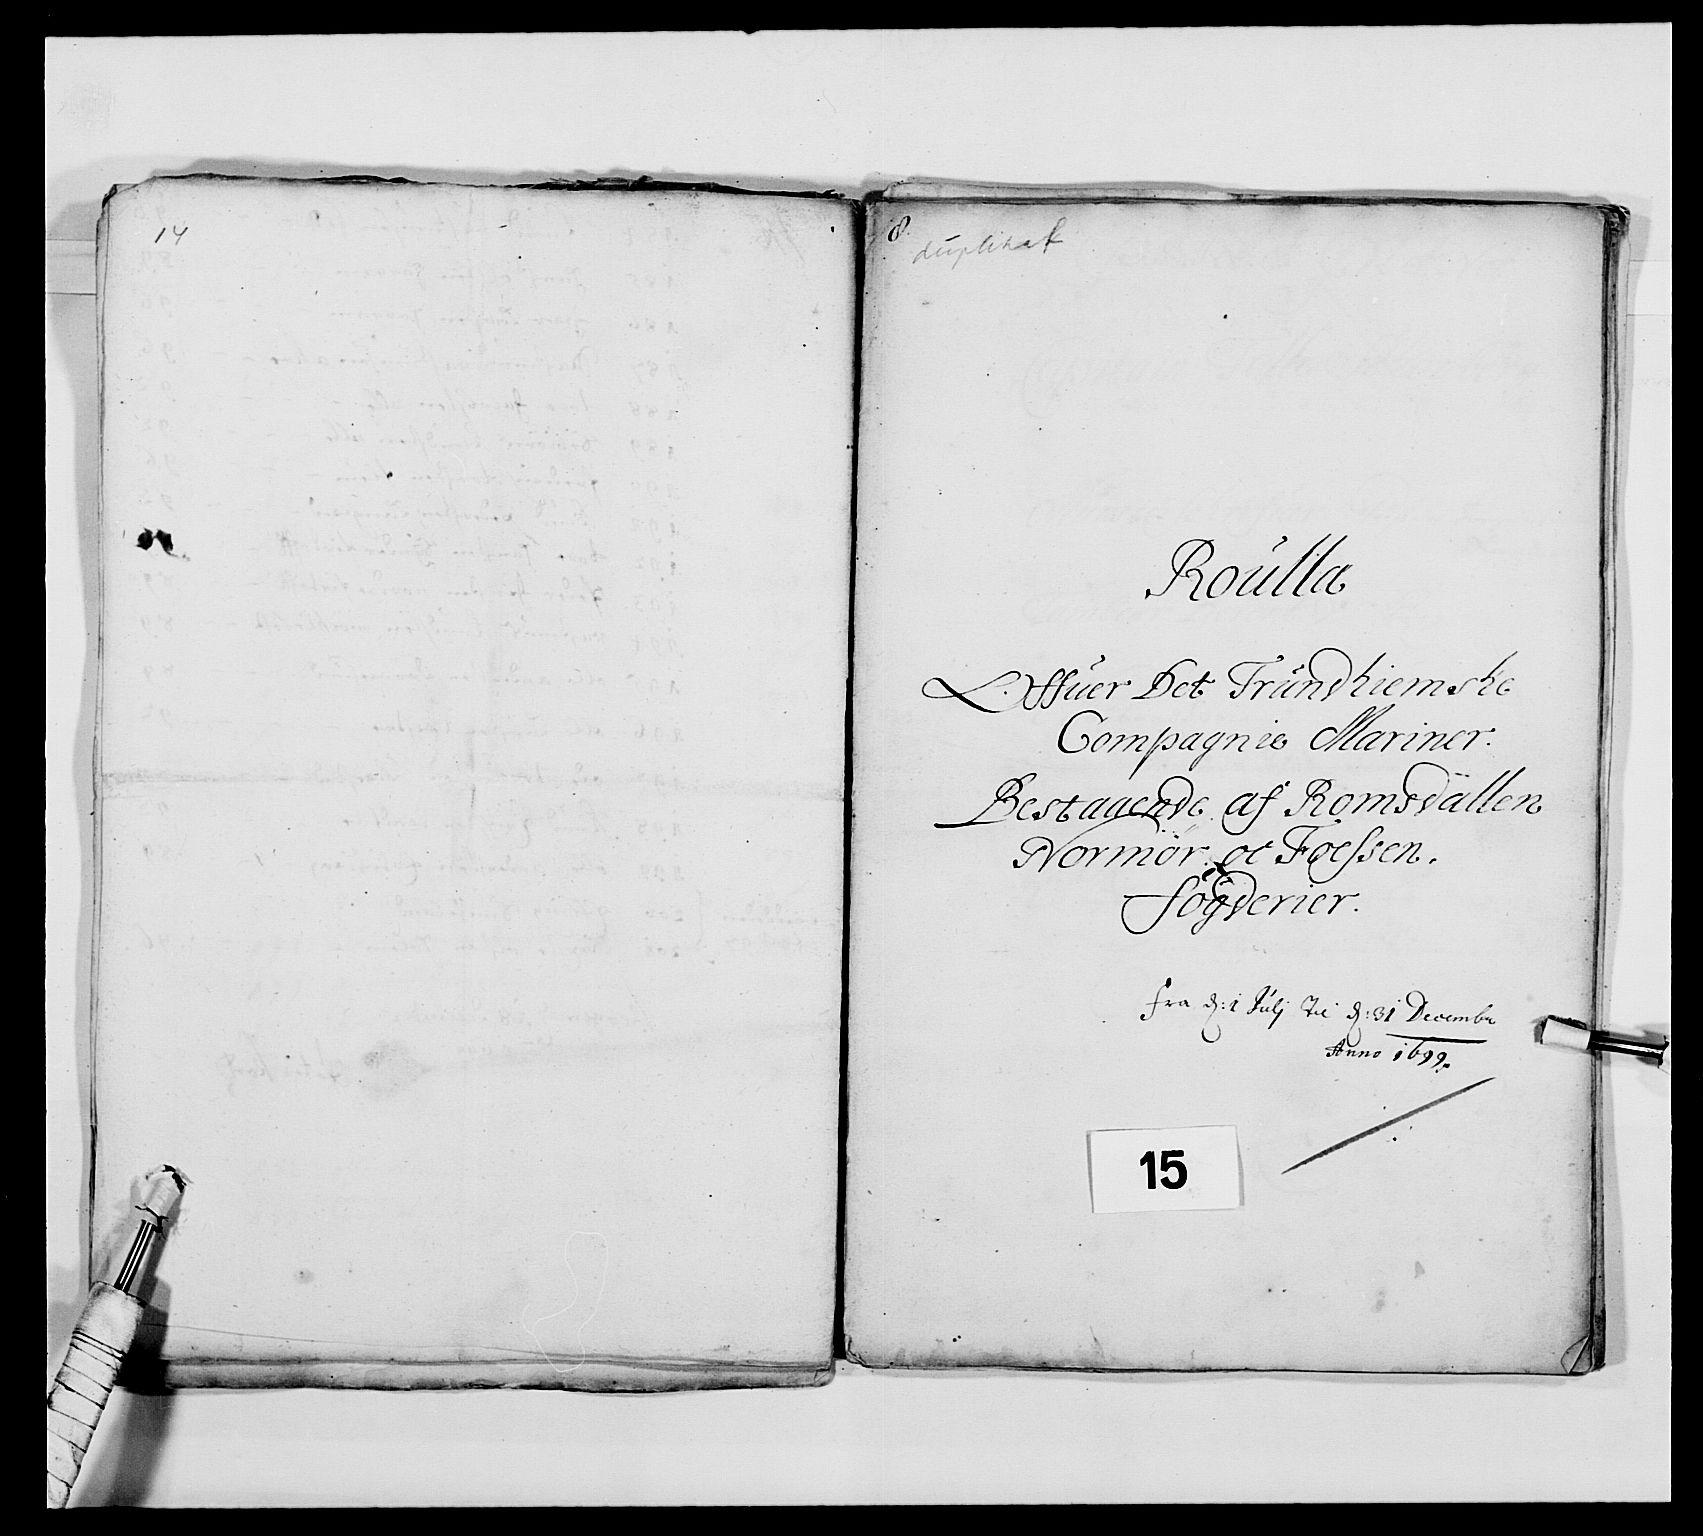 RA, Kommanderende general (KG I) med Det norske krigsdirektorium, E/Ea/L0473: Marineregimentet, 1664-1700, s. 208